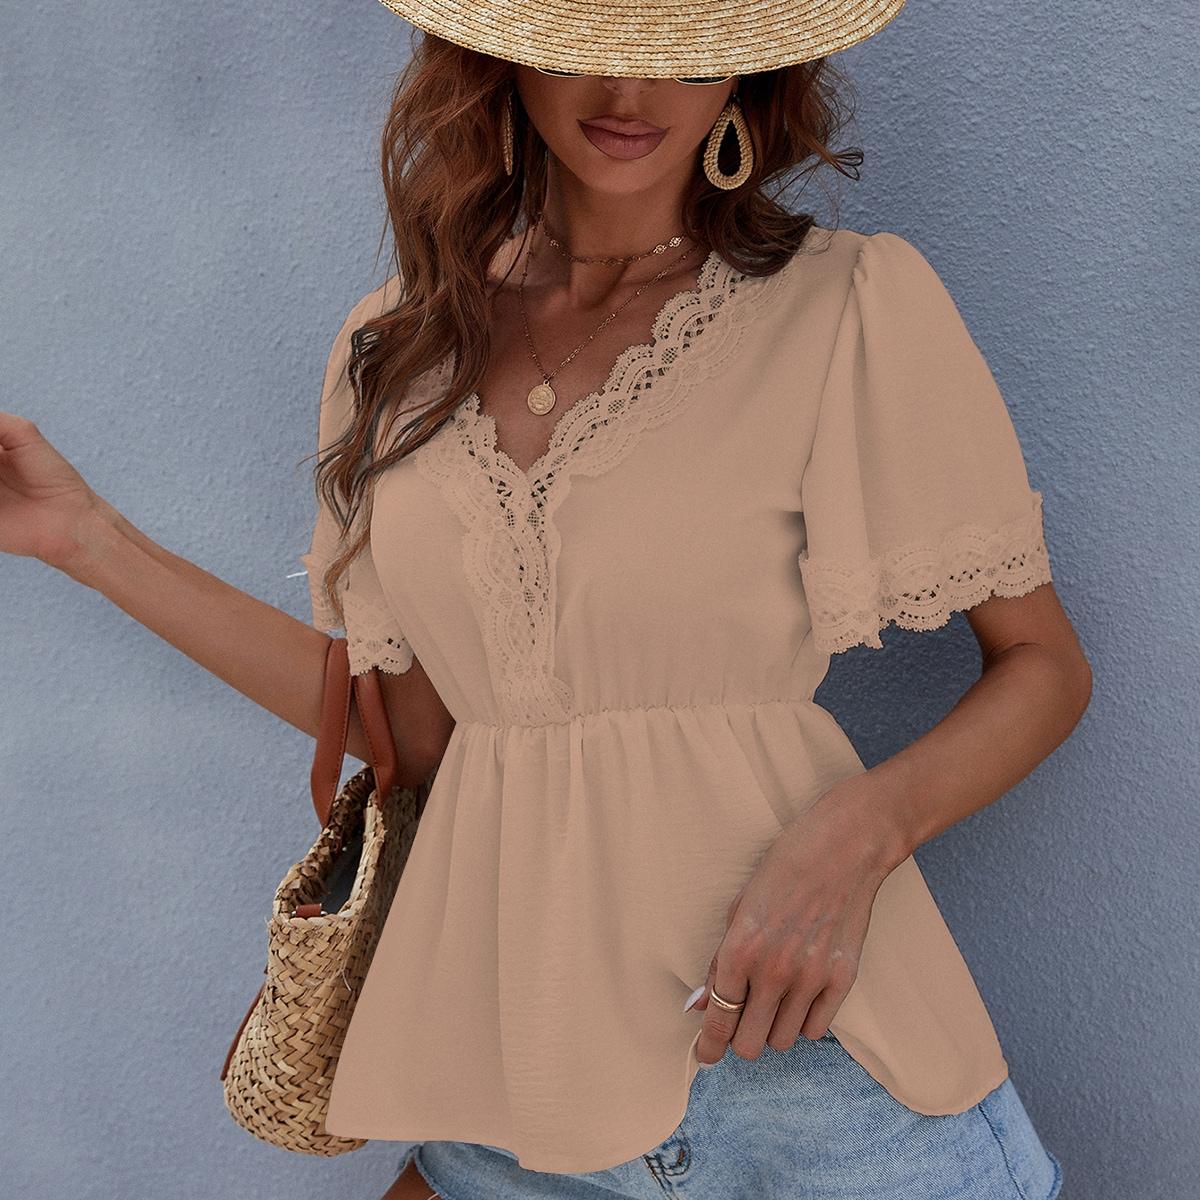 Блуза с оборками и кружевом SheIn swblouse23210601720